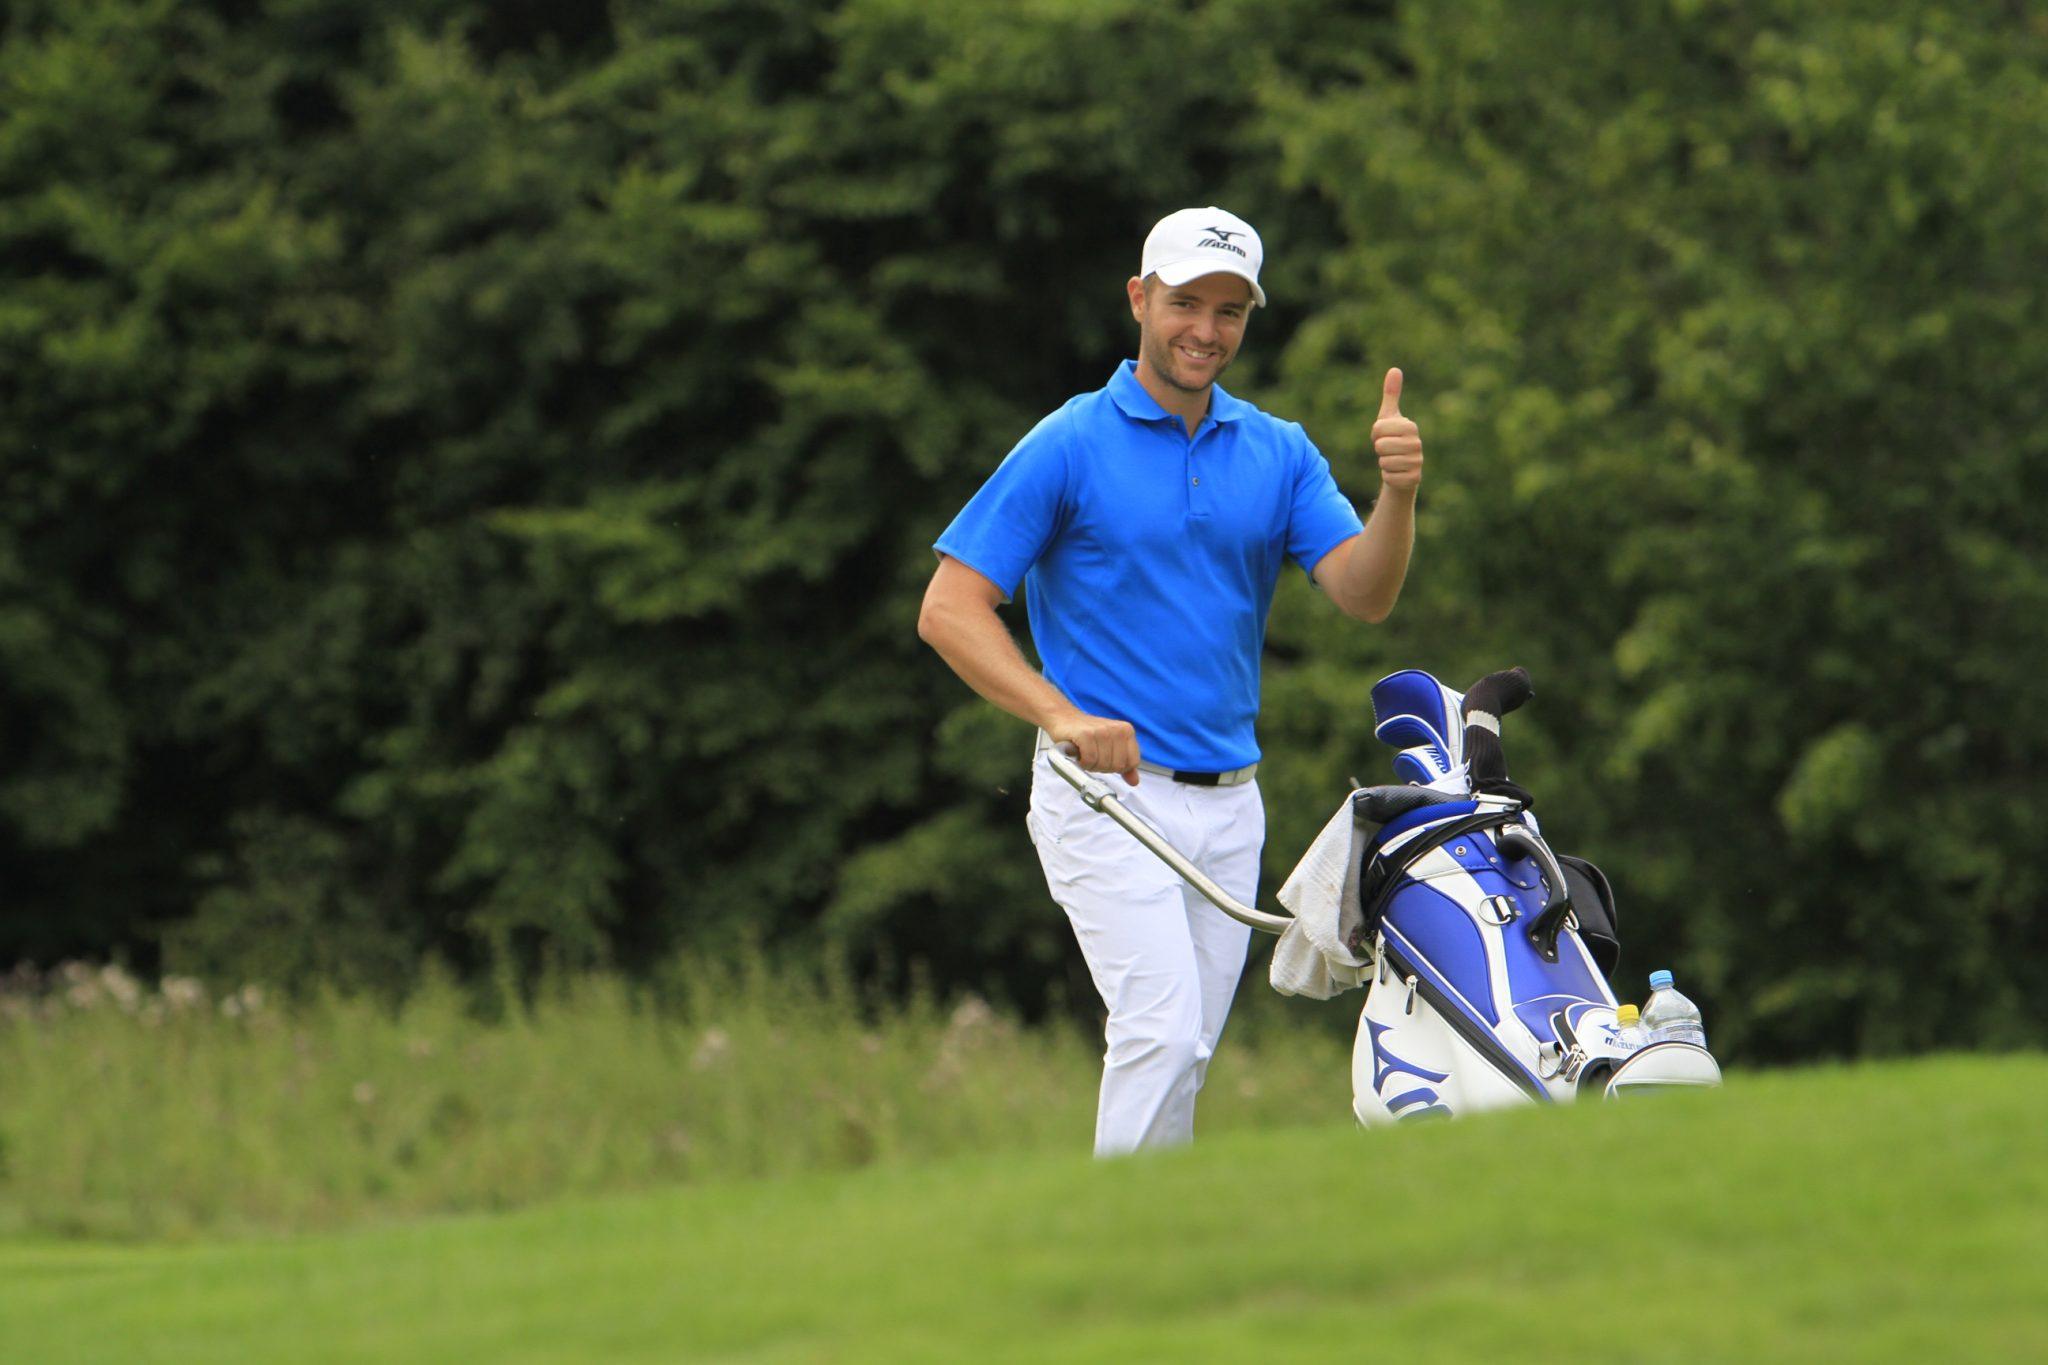 Die besten Golfwitze - Golfer Witze 😂